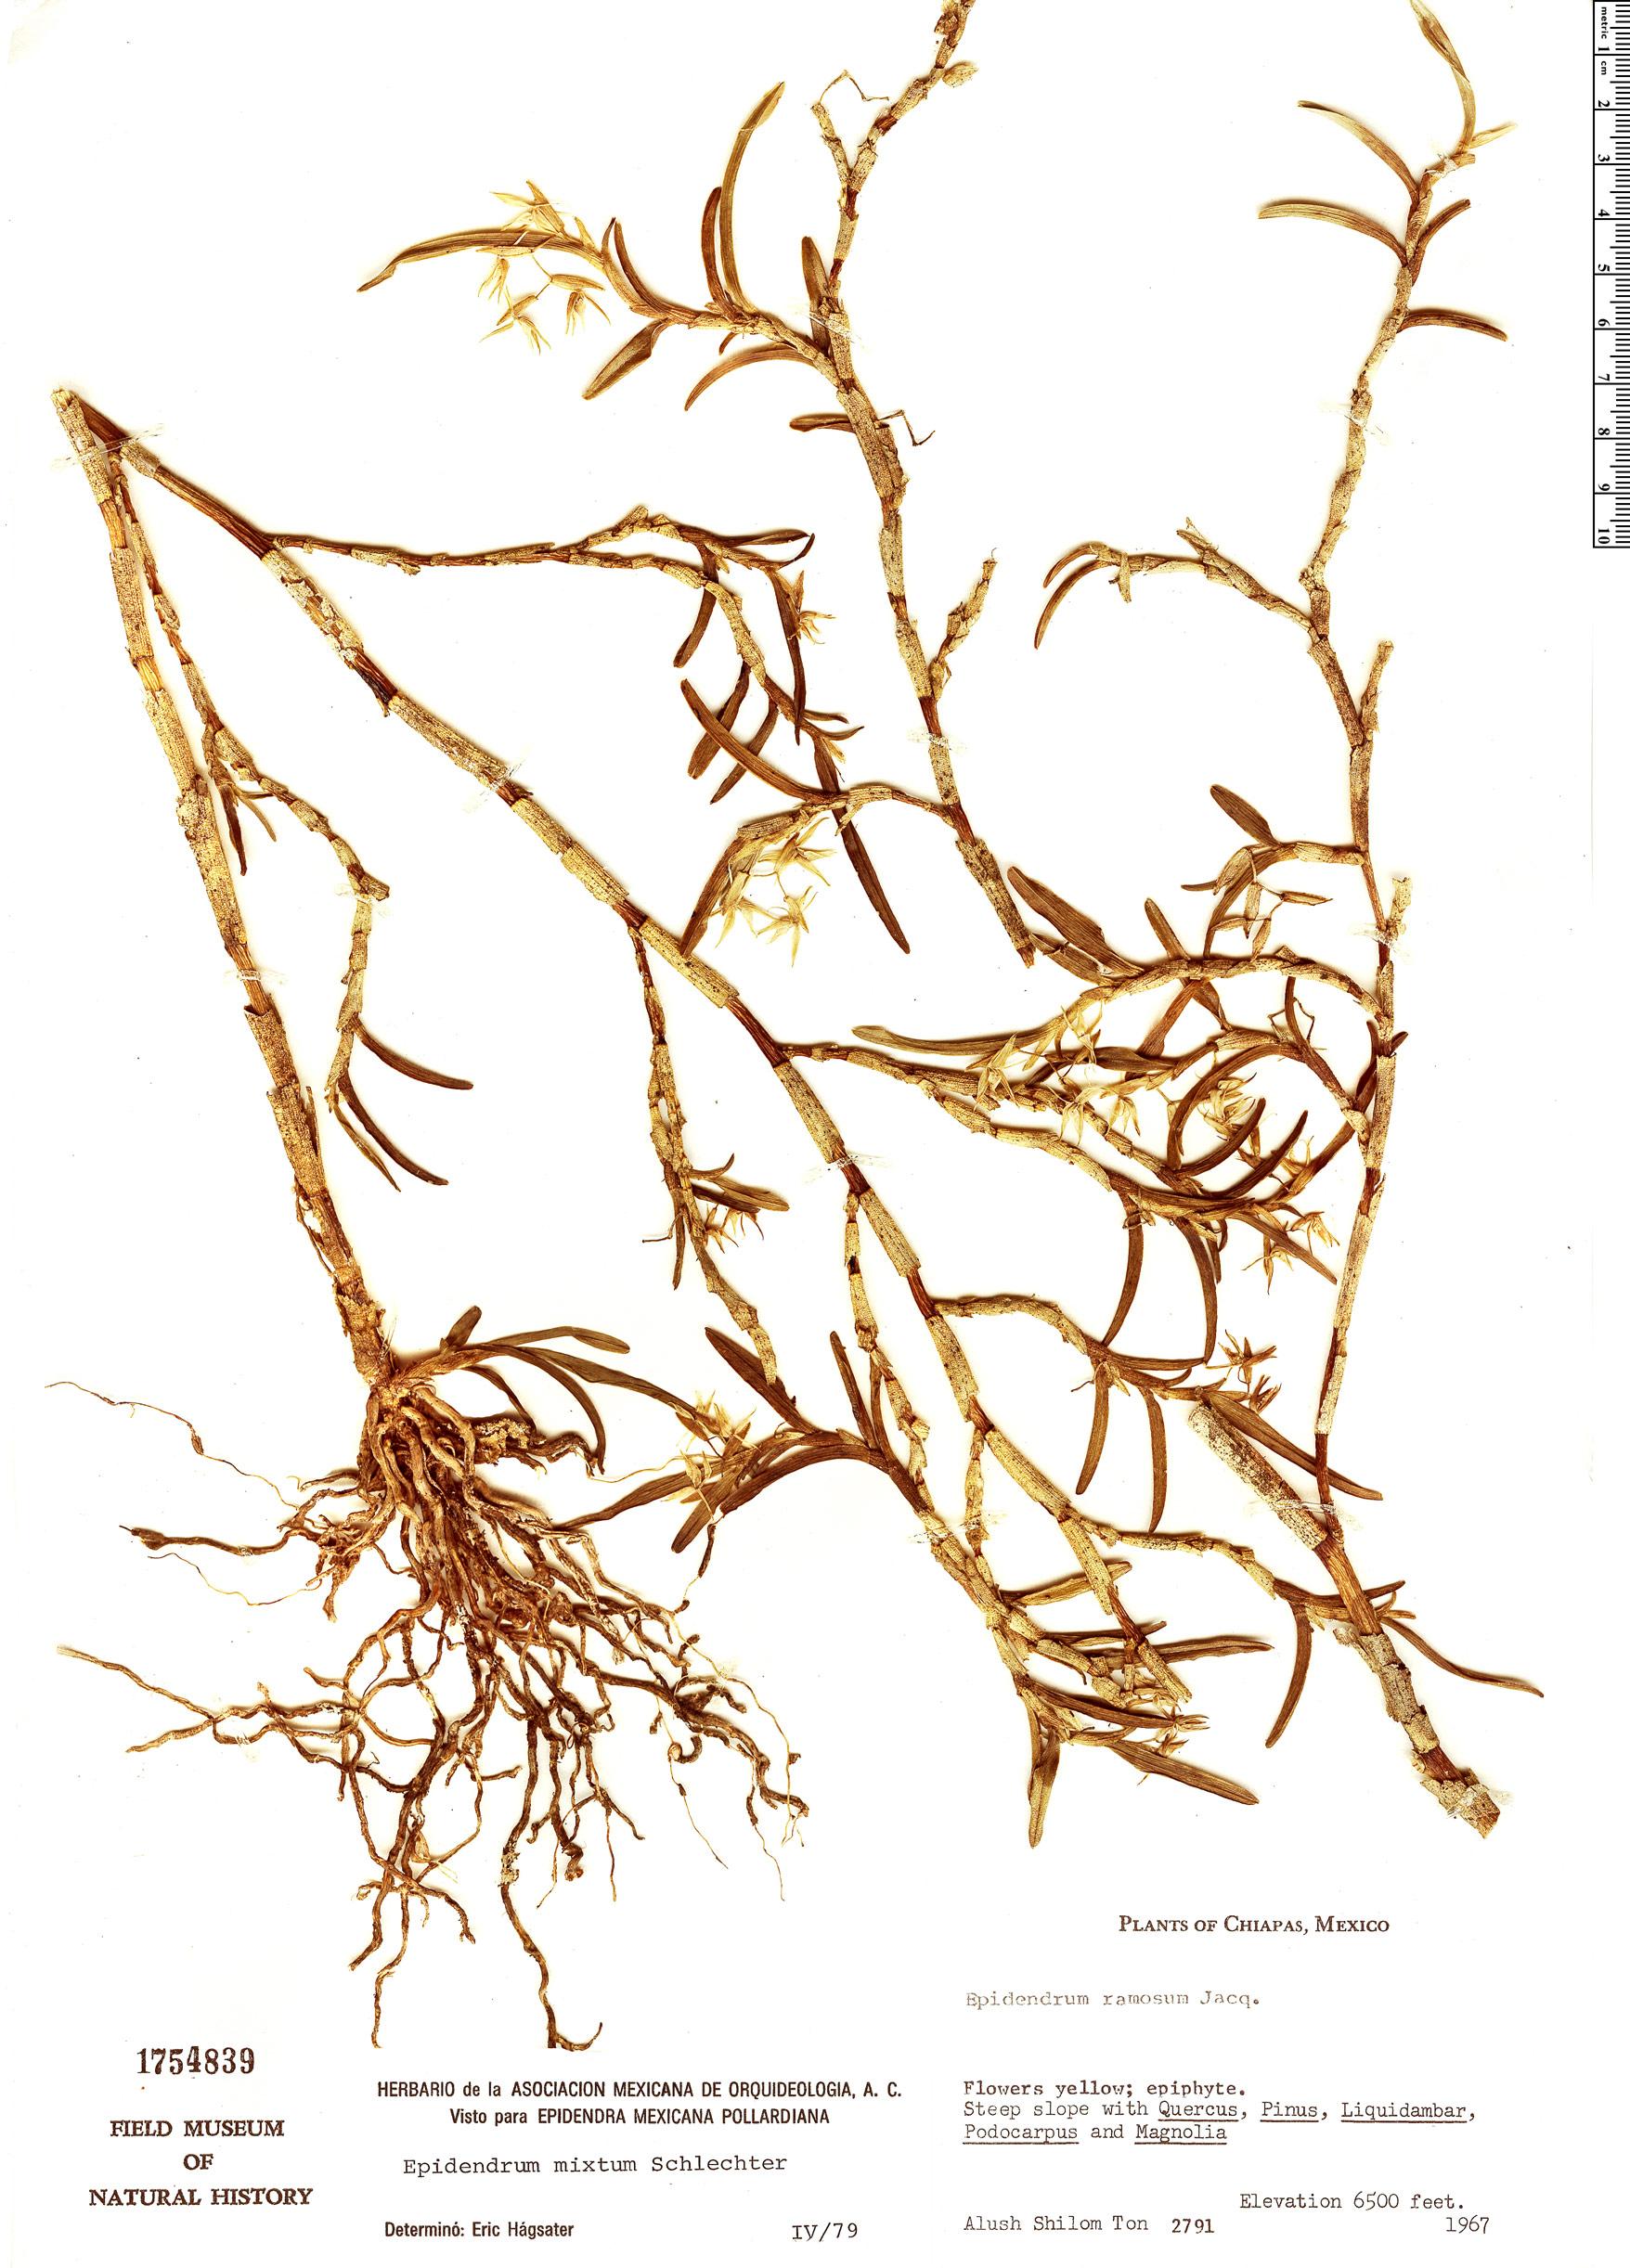 Specimen: Epidendrum mixtum